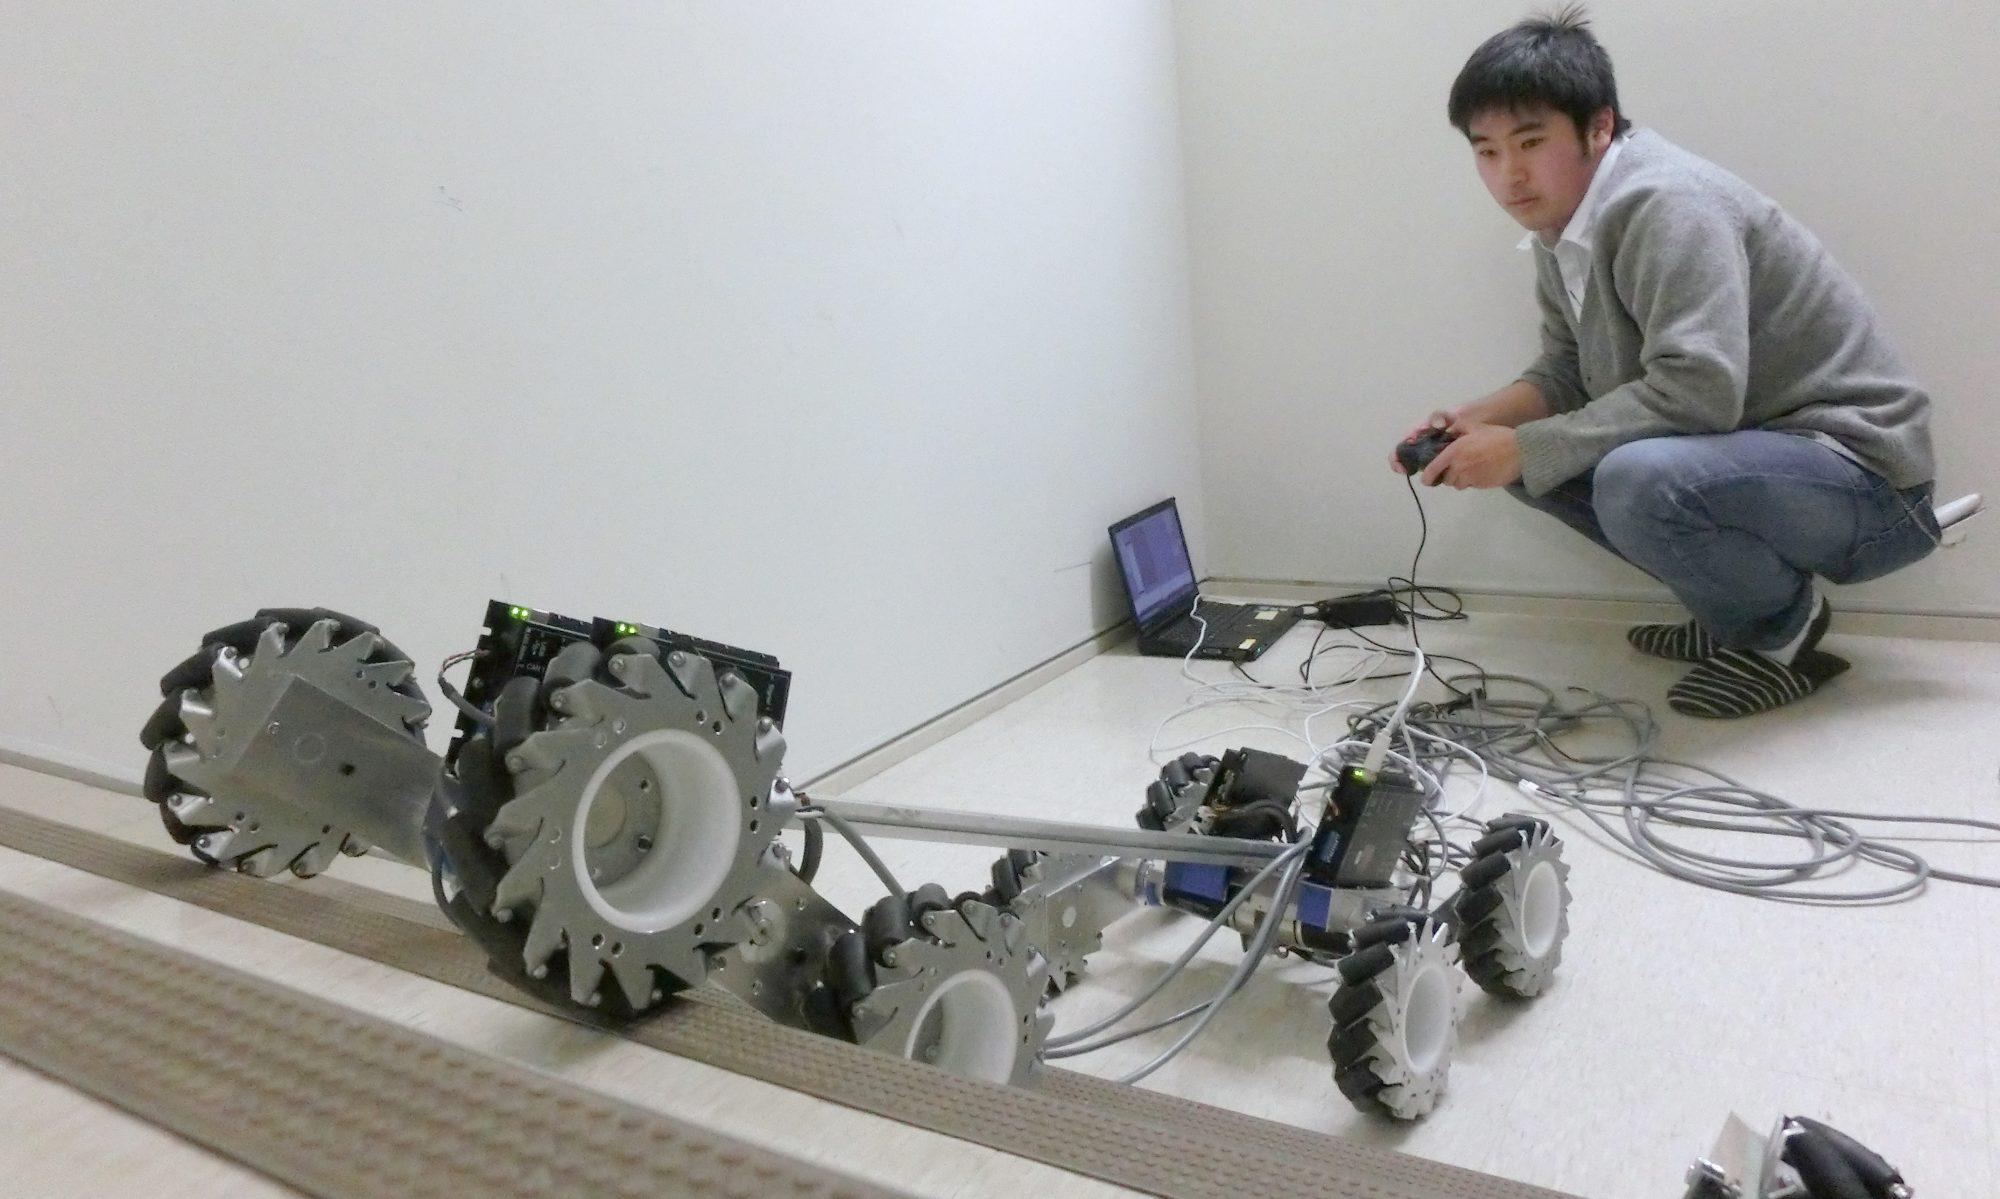 Dept. of Advanced Robotics